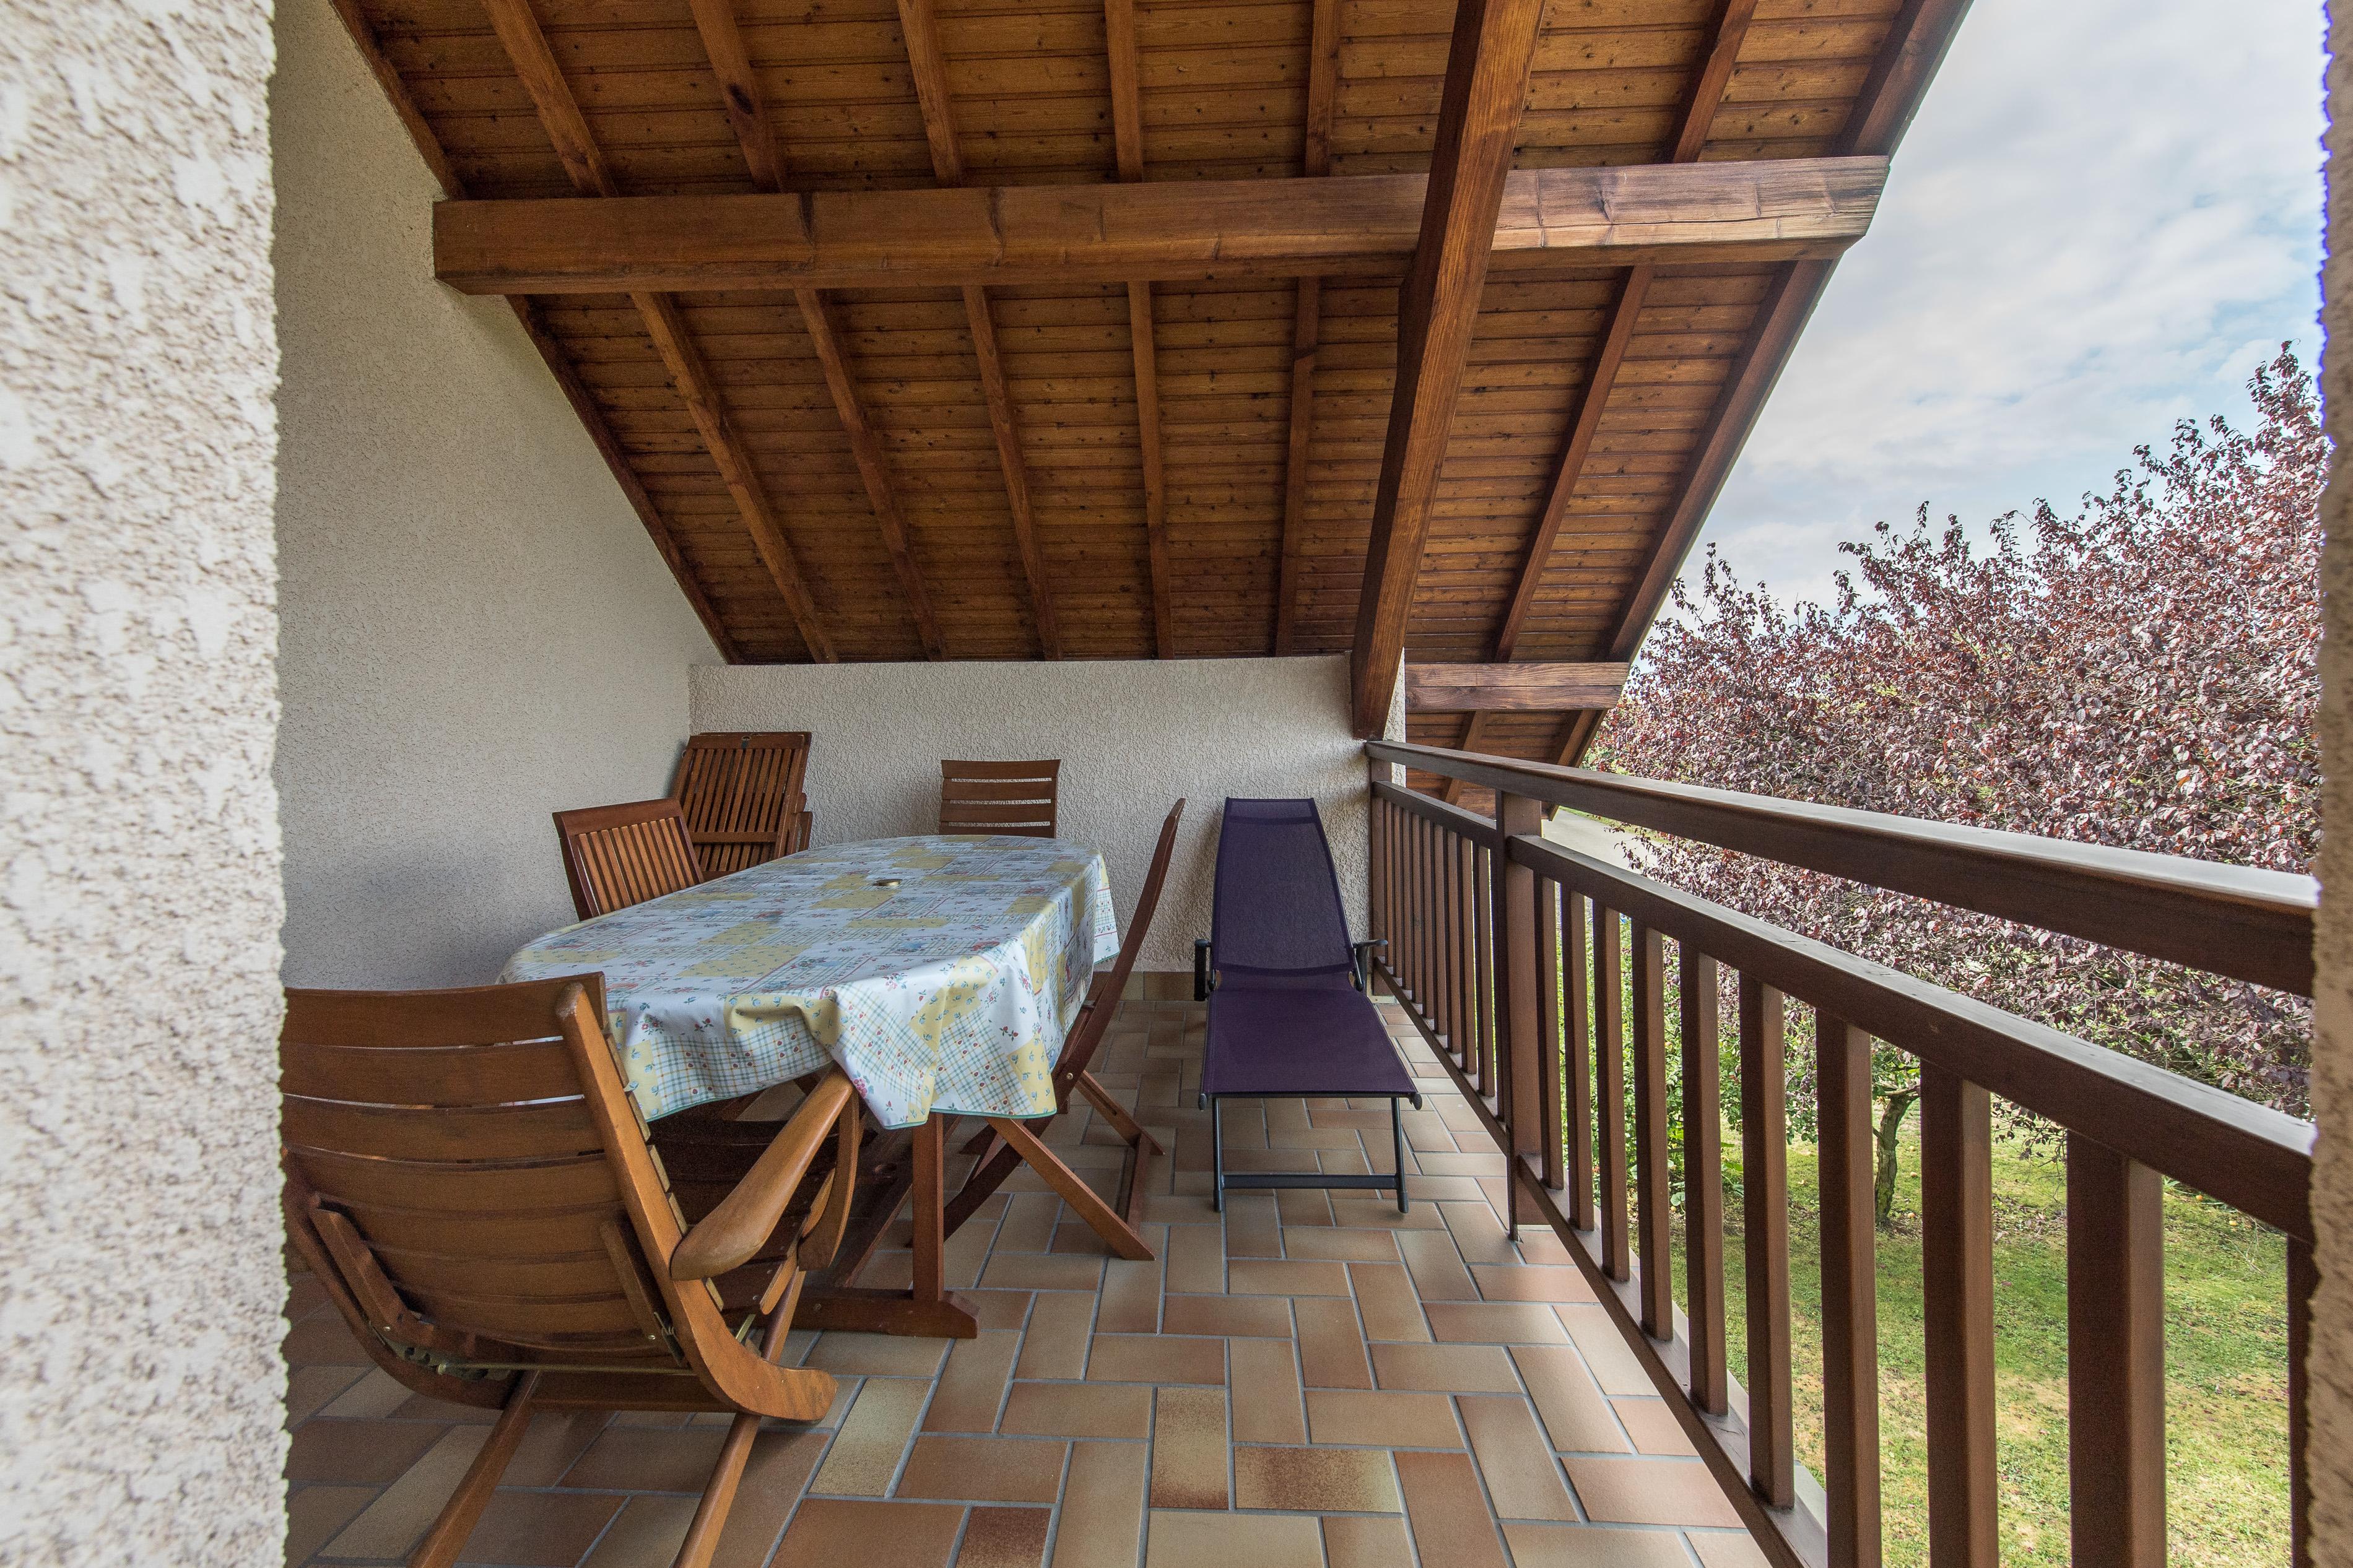 La terrasse – Location de vacances Chambéry gite à louer